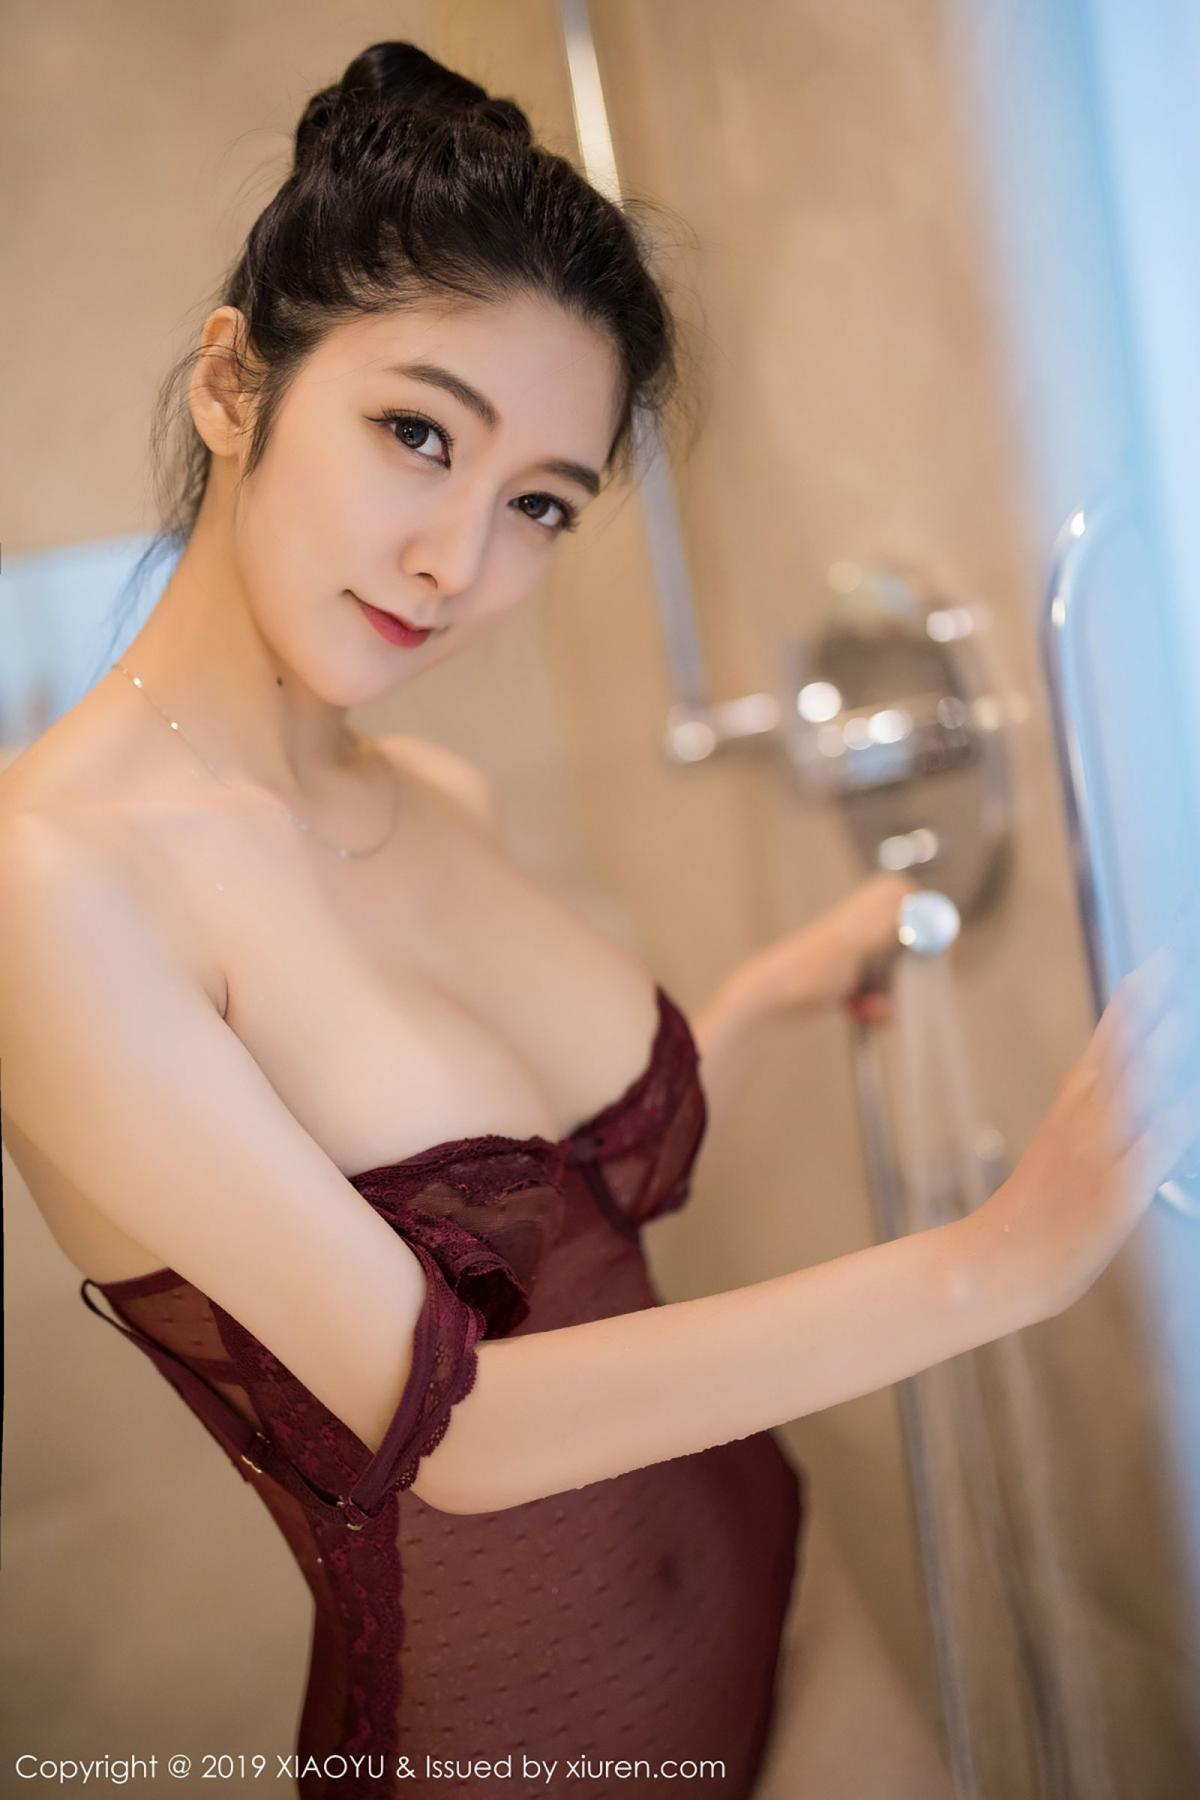 [XiaoYu] Vol.017 Di Yi 67P, Bathroom, Di Yi, Underwear, Wet, XiaoYu